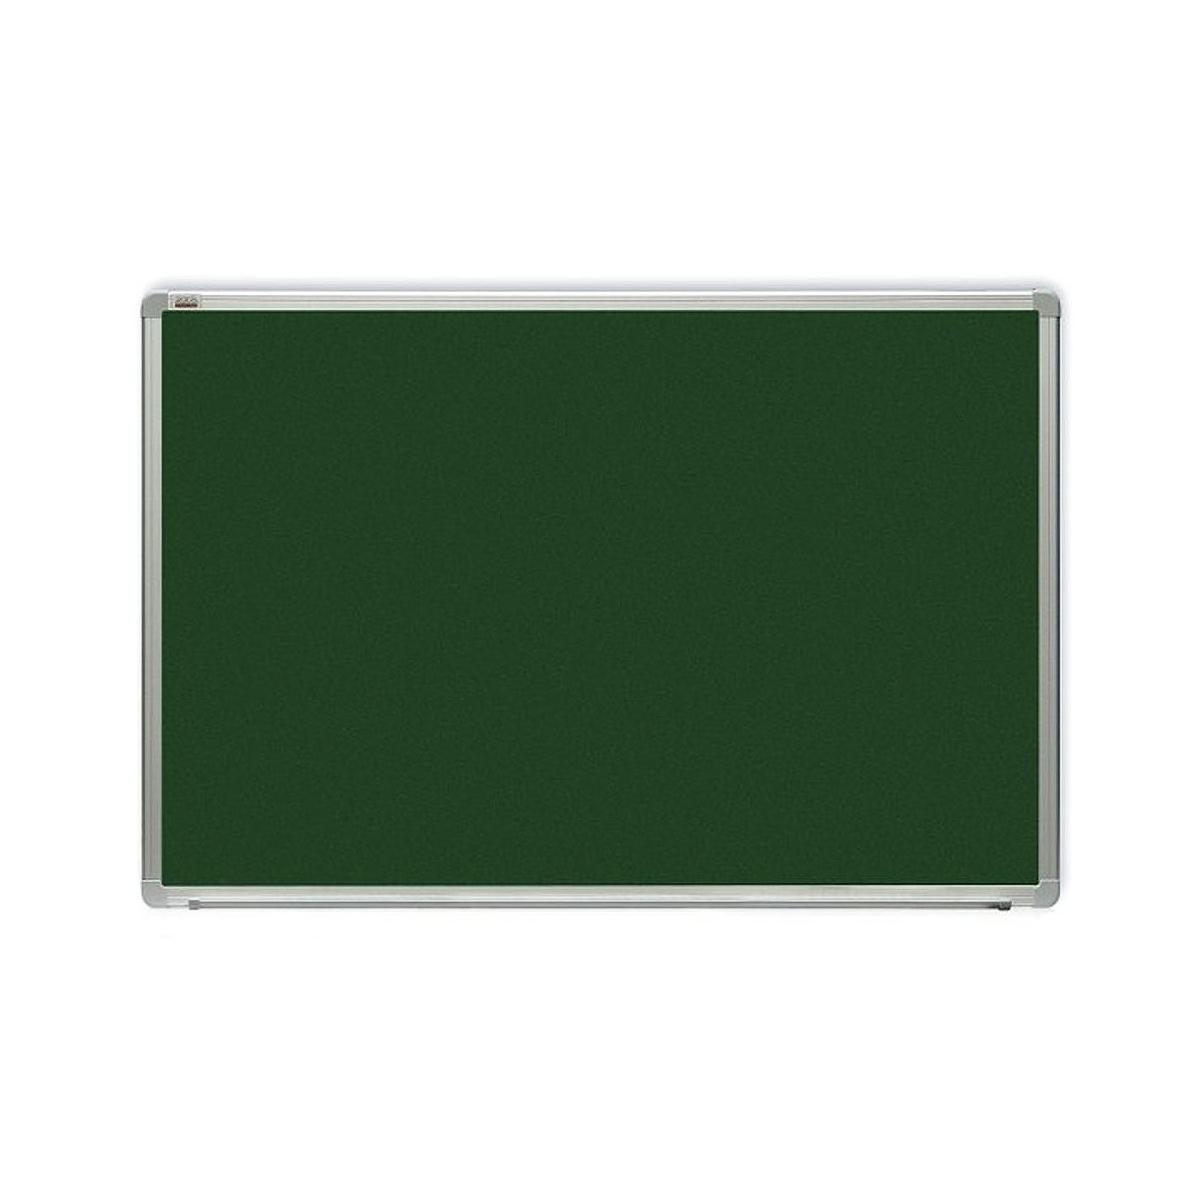 Tablă Verde Magnetică, Ramă din Aluminiu, Pentru Cretă, Diferite Dimensiuni, Optima, OP-22100200, OP-22120150, OP-22120180, OP-22120240, OP-22120300